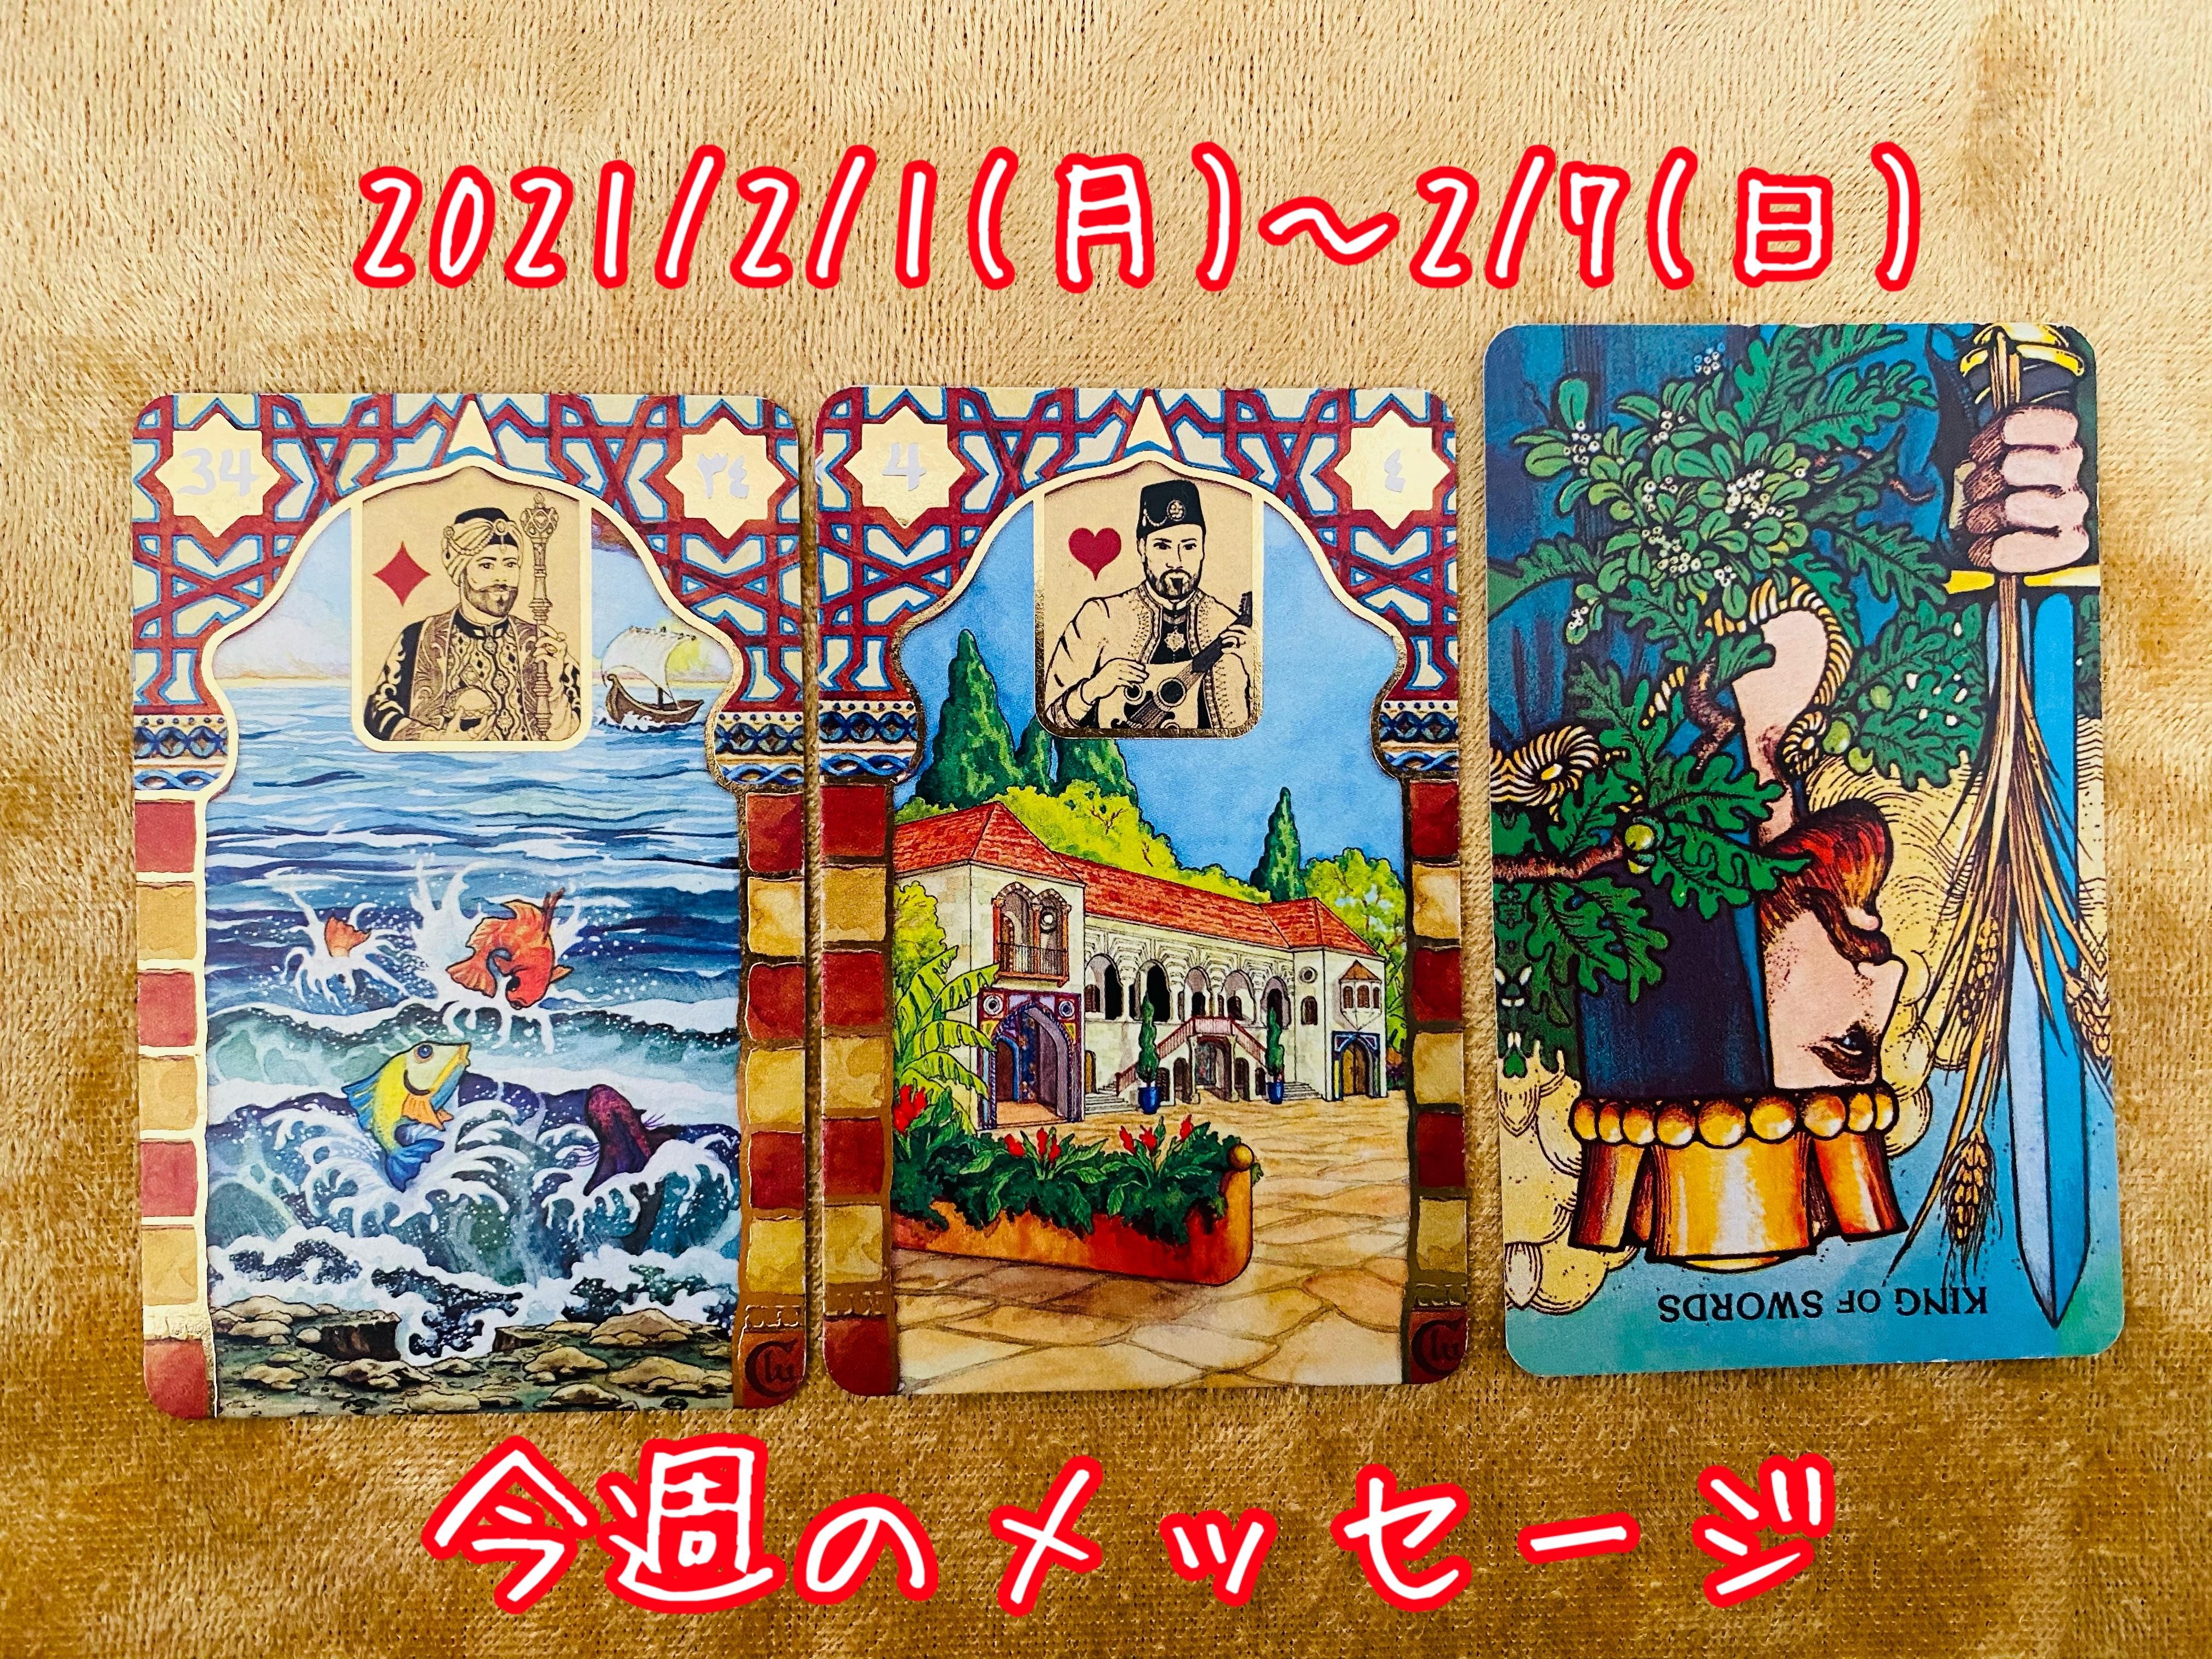 f:id:hana_su-hi:20210131183729j:image